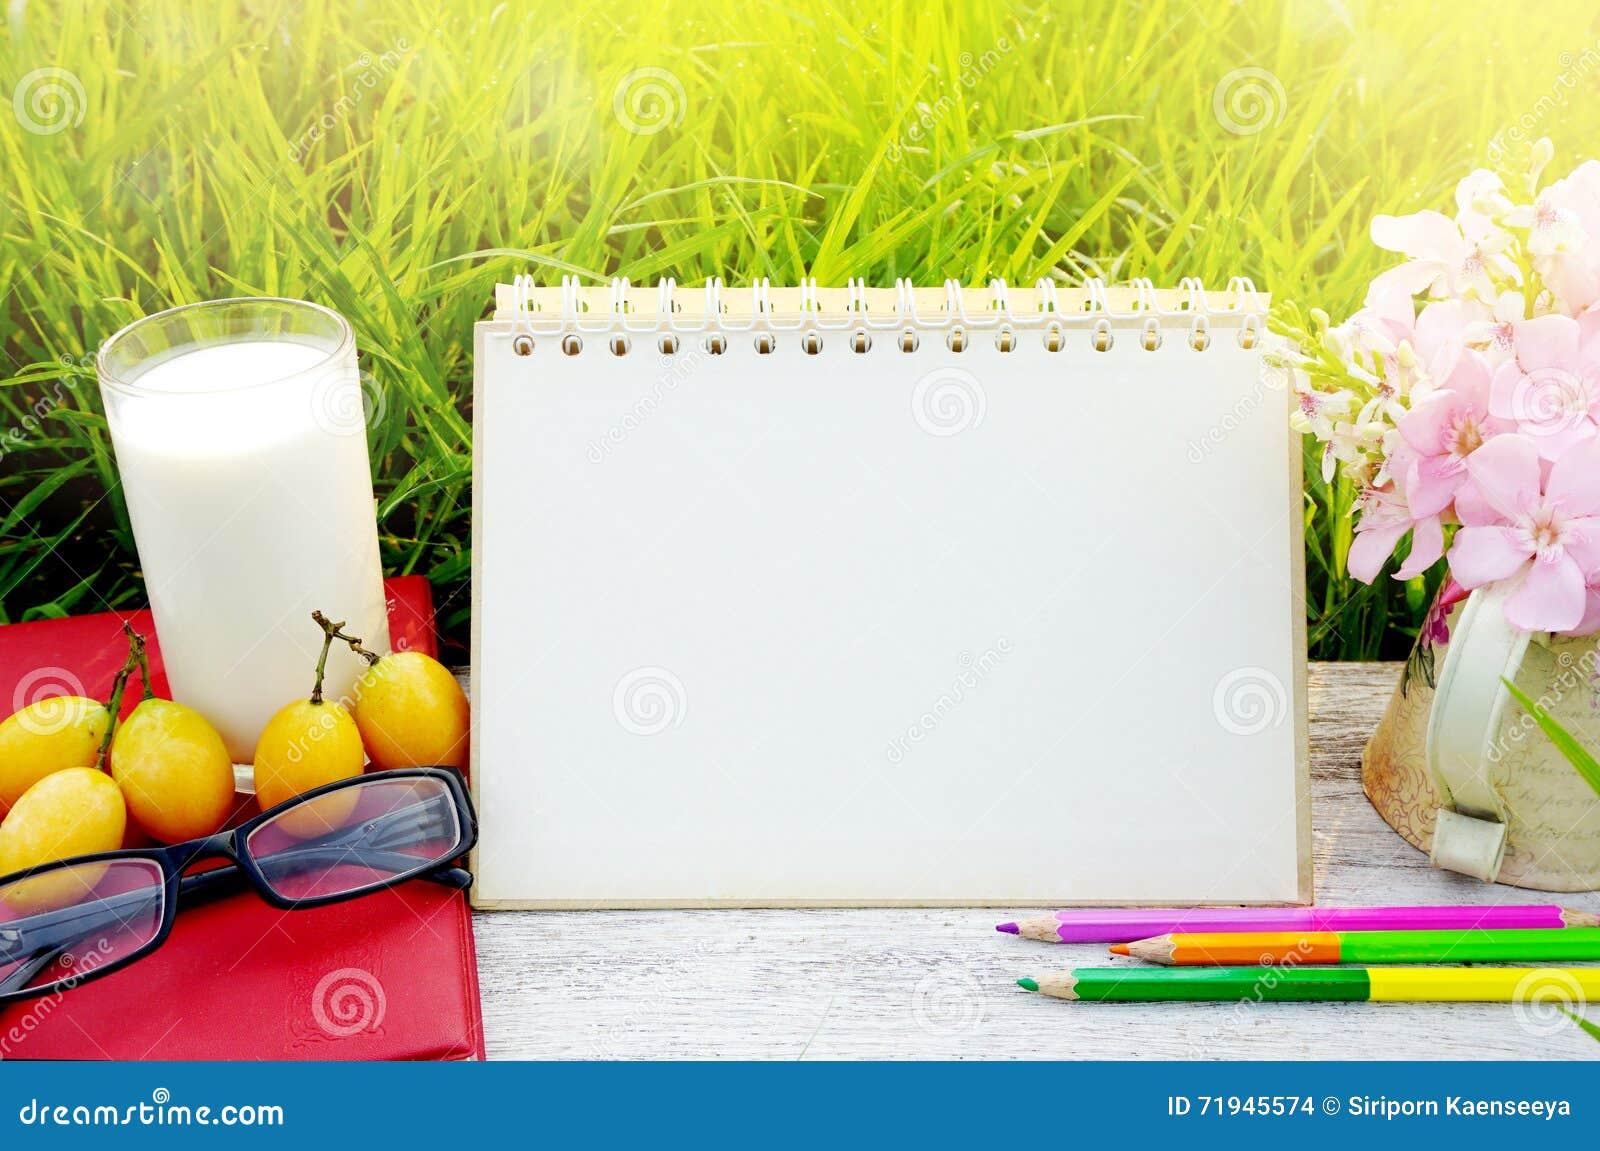 Glas von Milch, von Leerseitenkalender, von gelber Frucht, von Sonnenbrille, von Bleistiften und von rosa Blume auf weißer hölzer